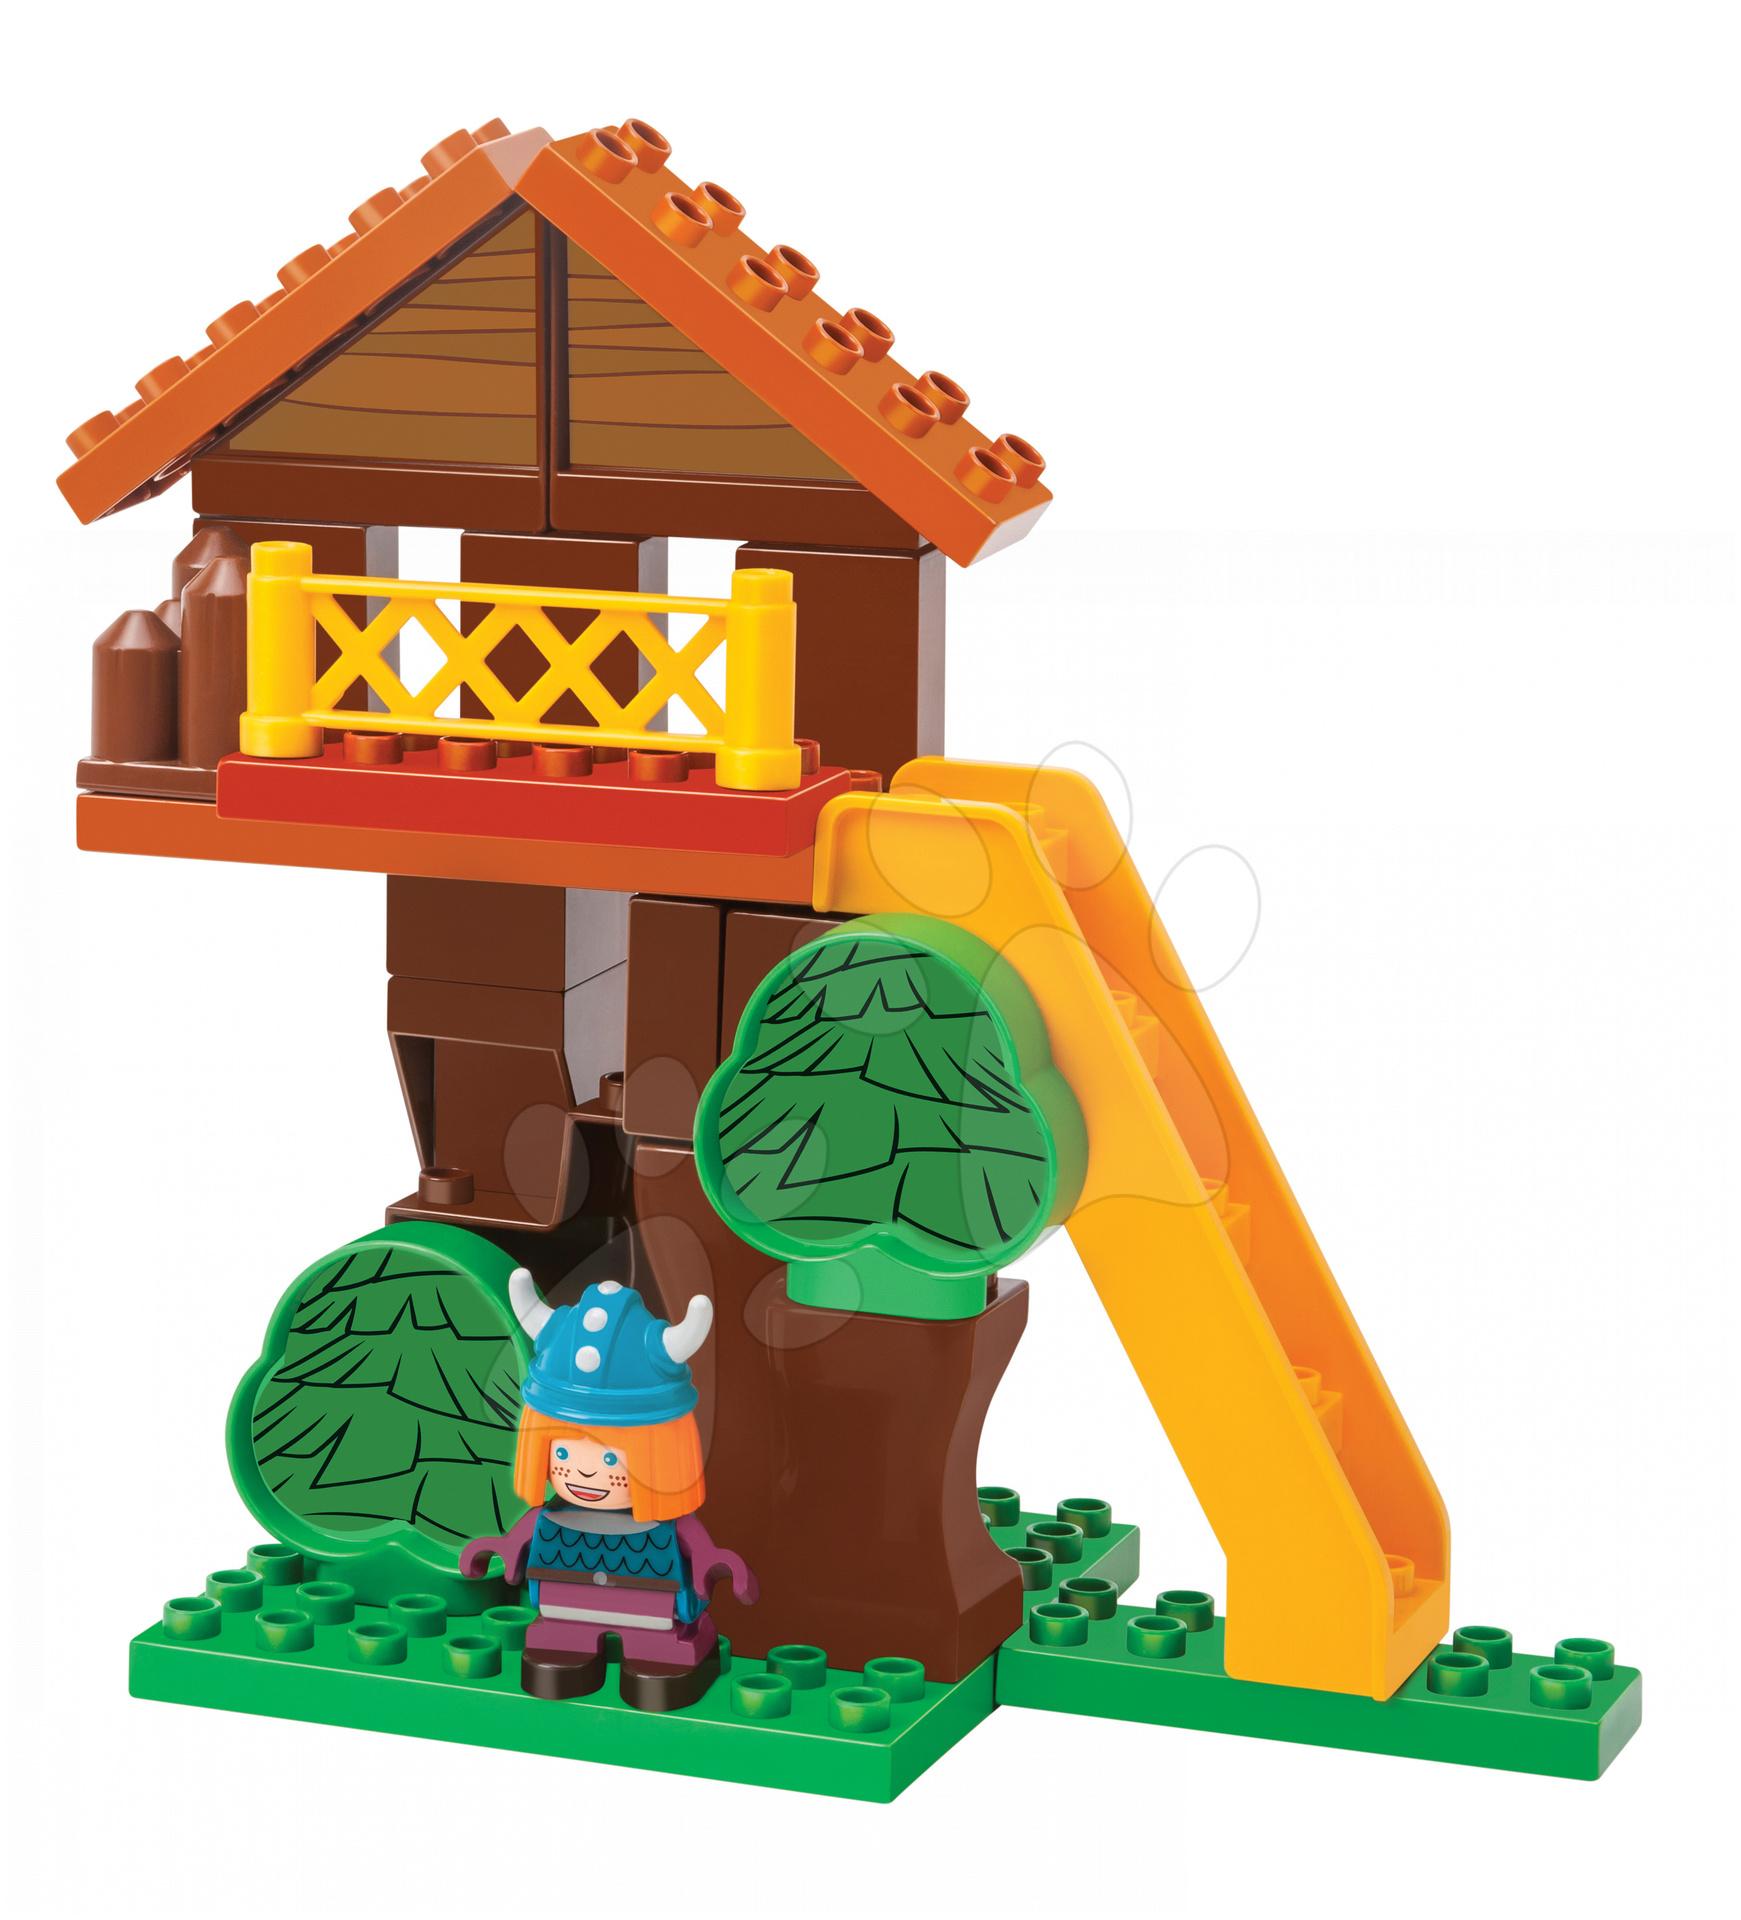 Stavebnice PlayBIG BLOXX Wickie dům BIG ostrově s 1 figurkou 24 kusů